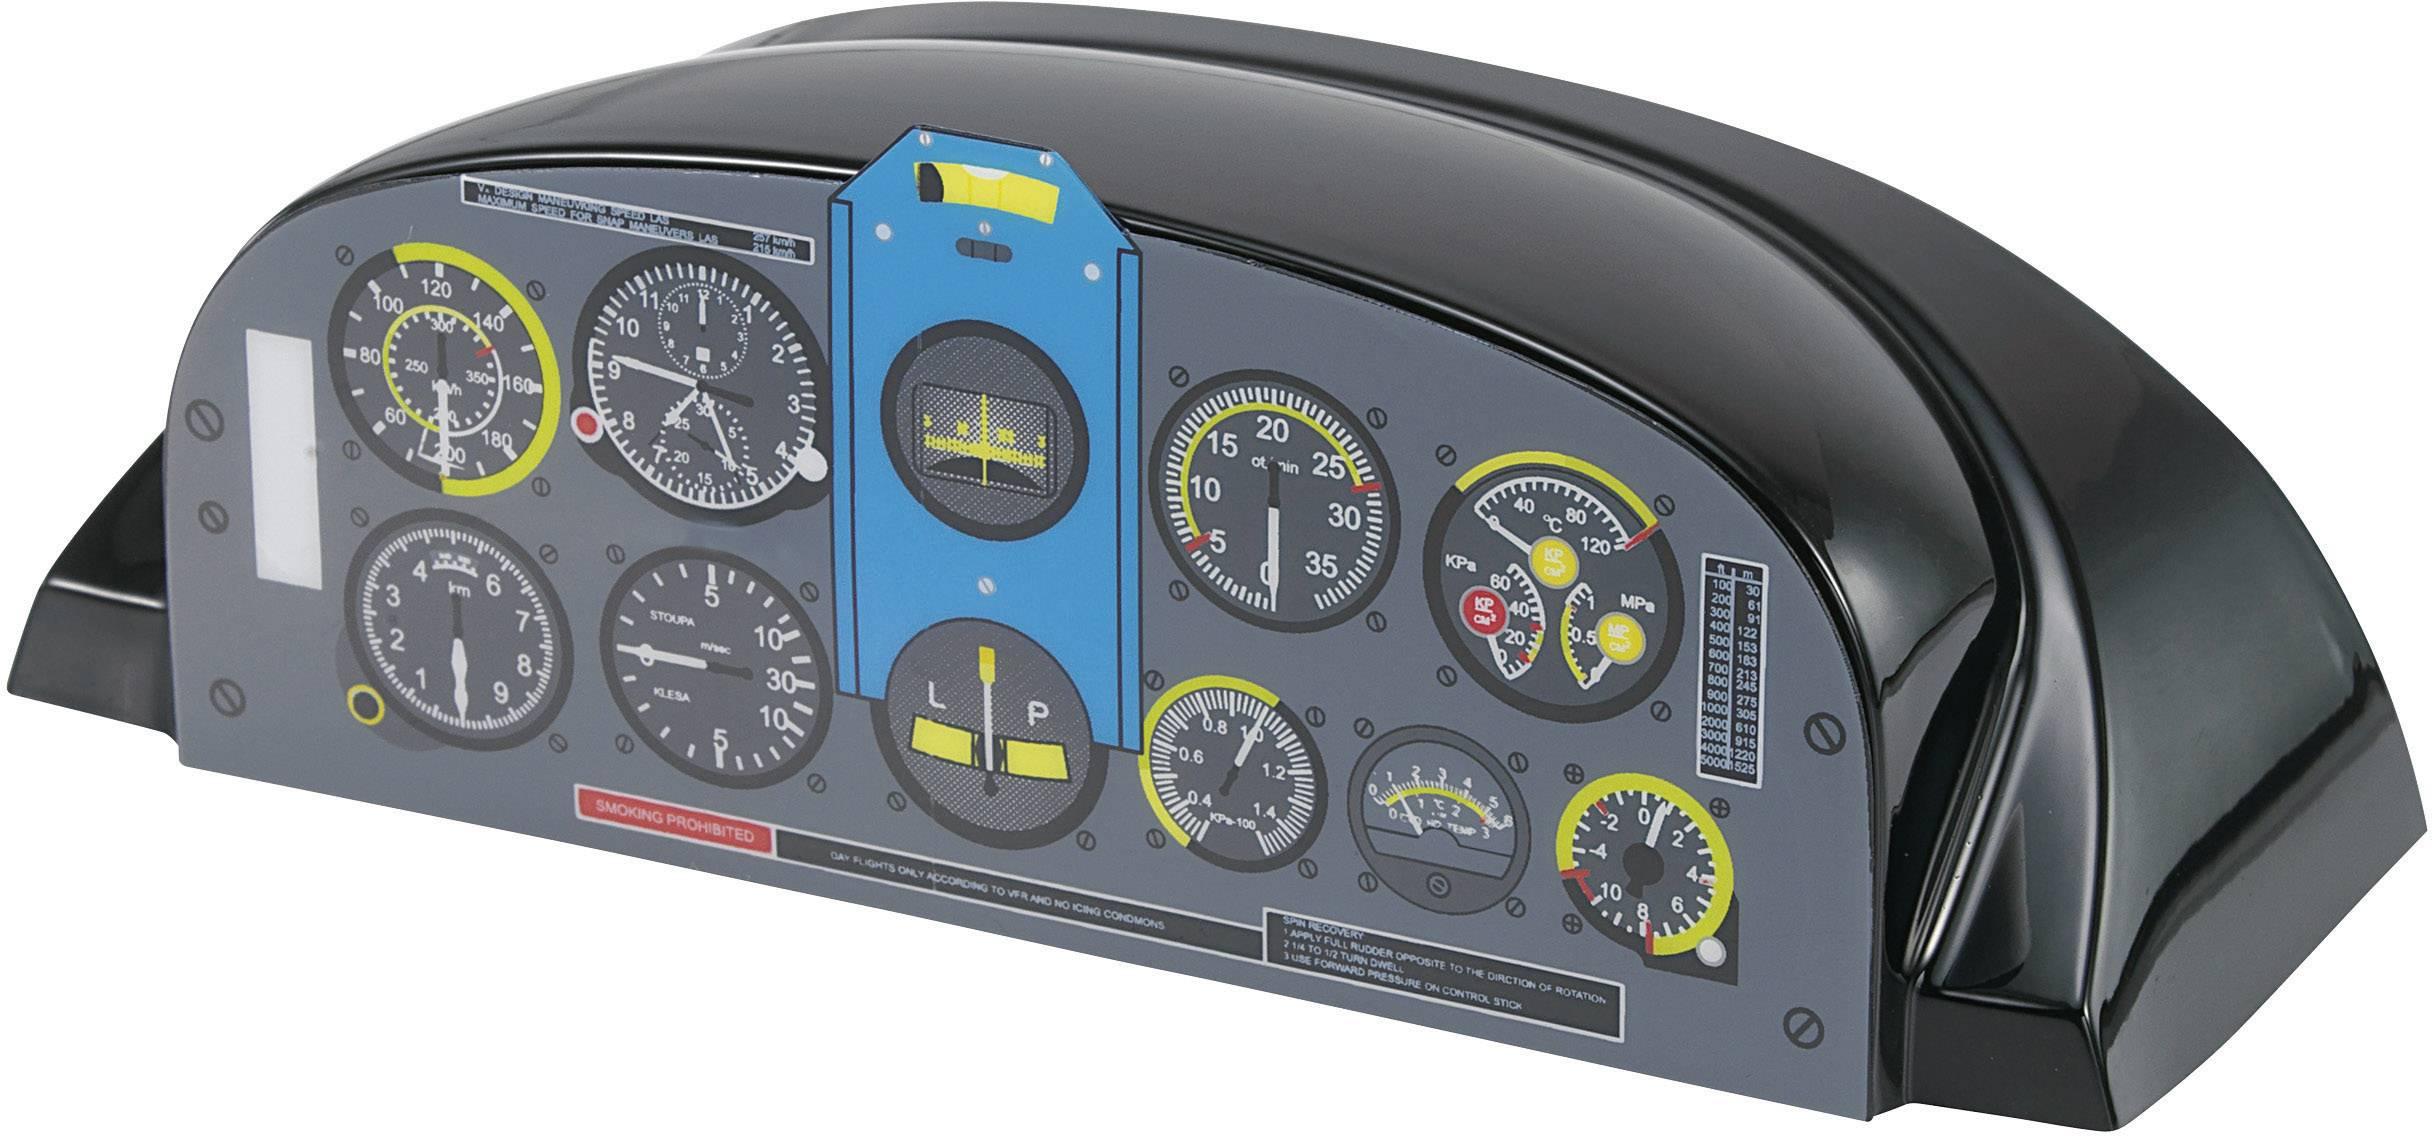 Príslušenstvo pre cockpit